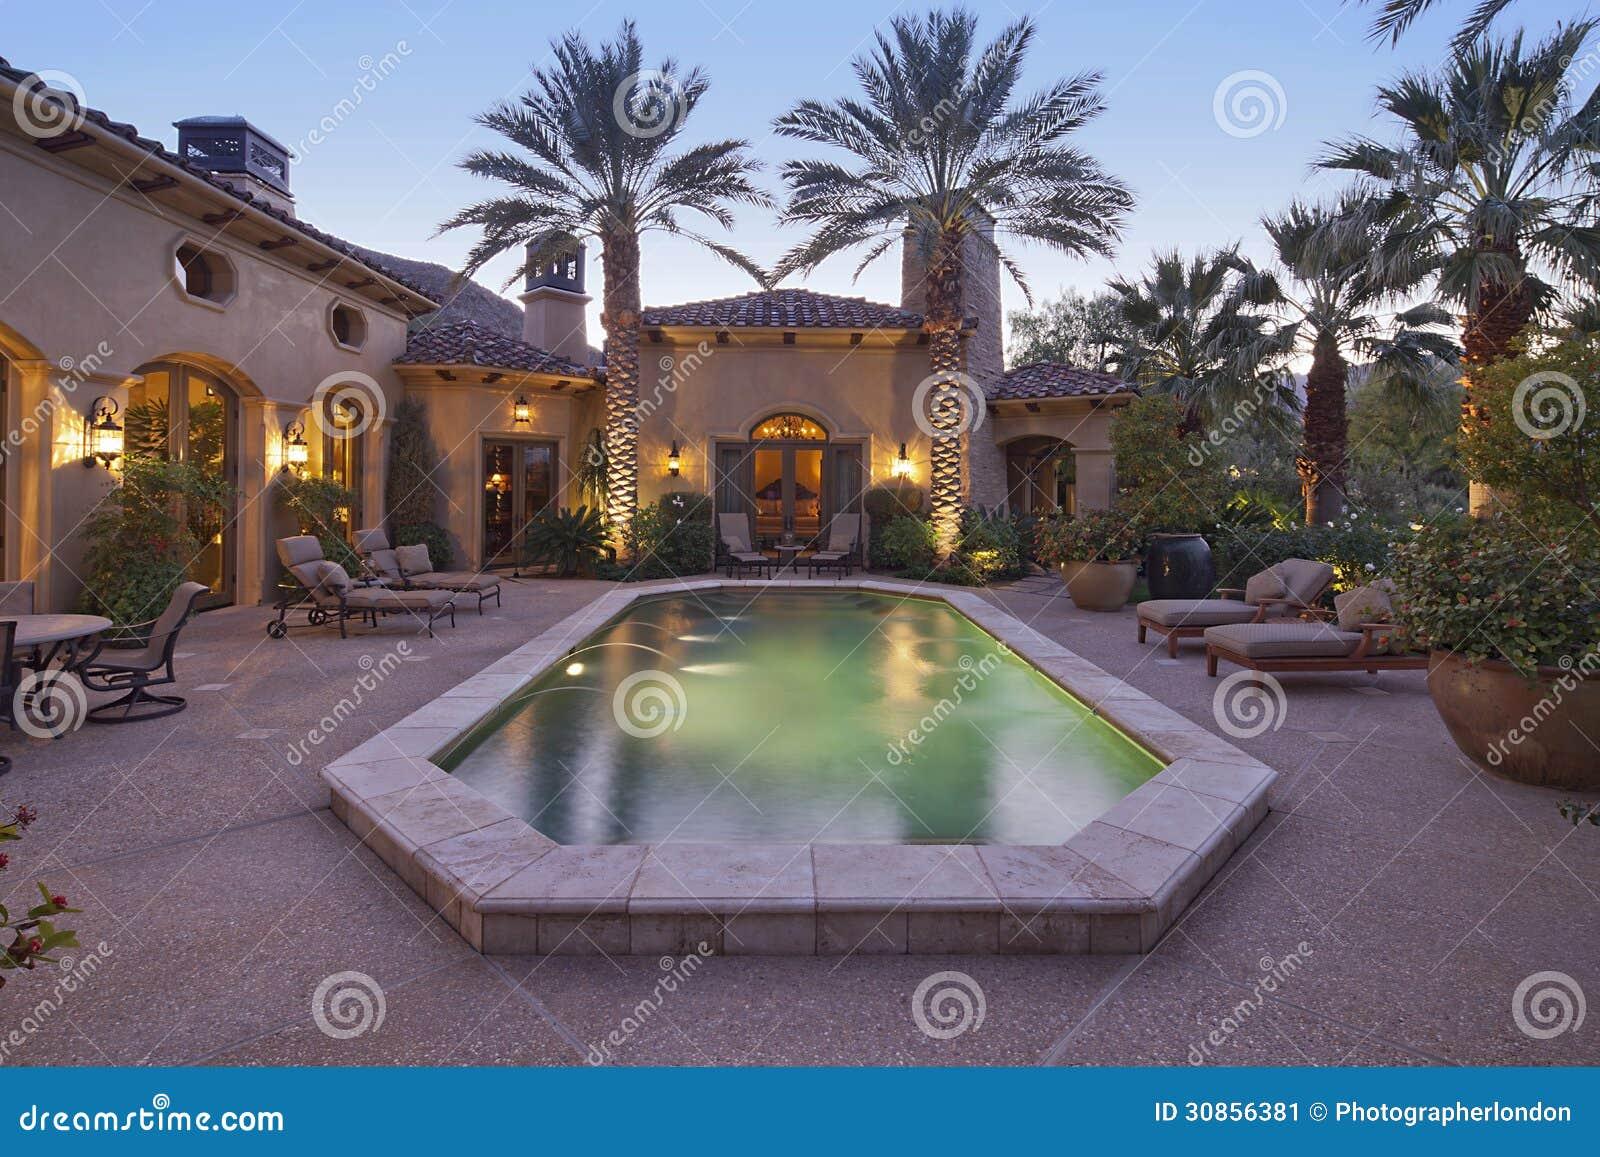 Achteringang van luxevilla bij nacht met zwembad